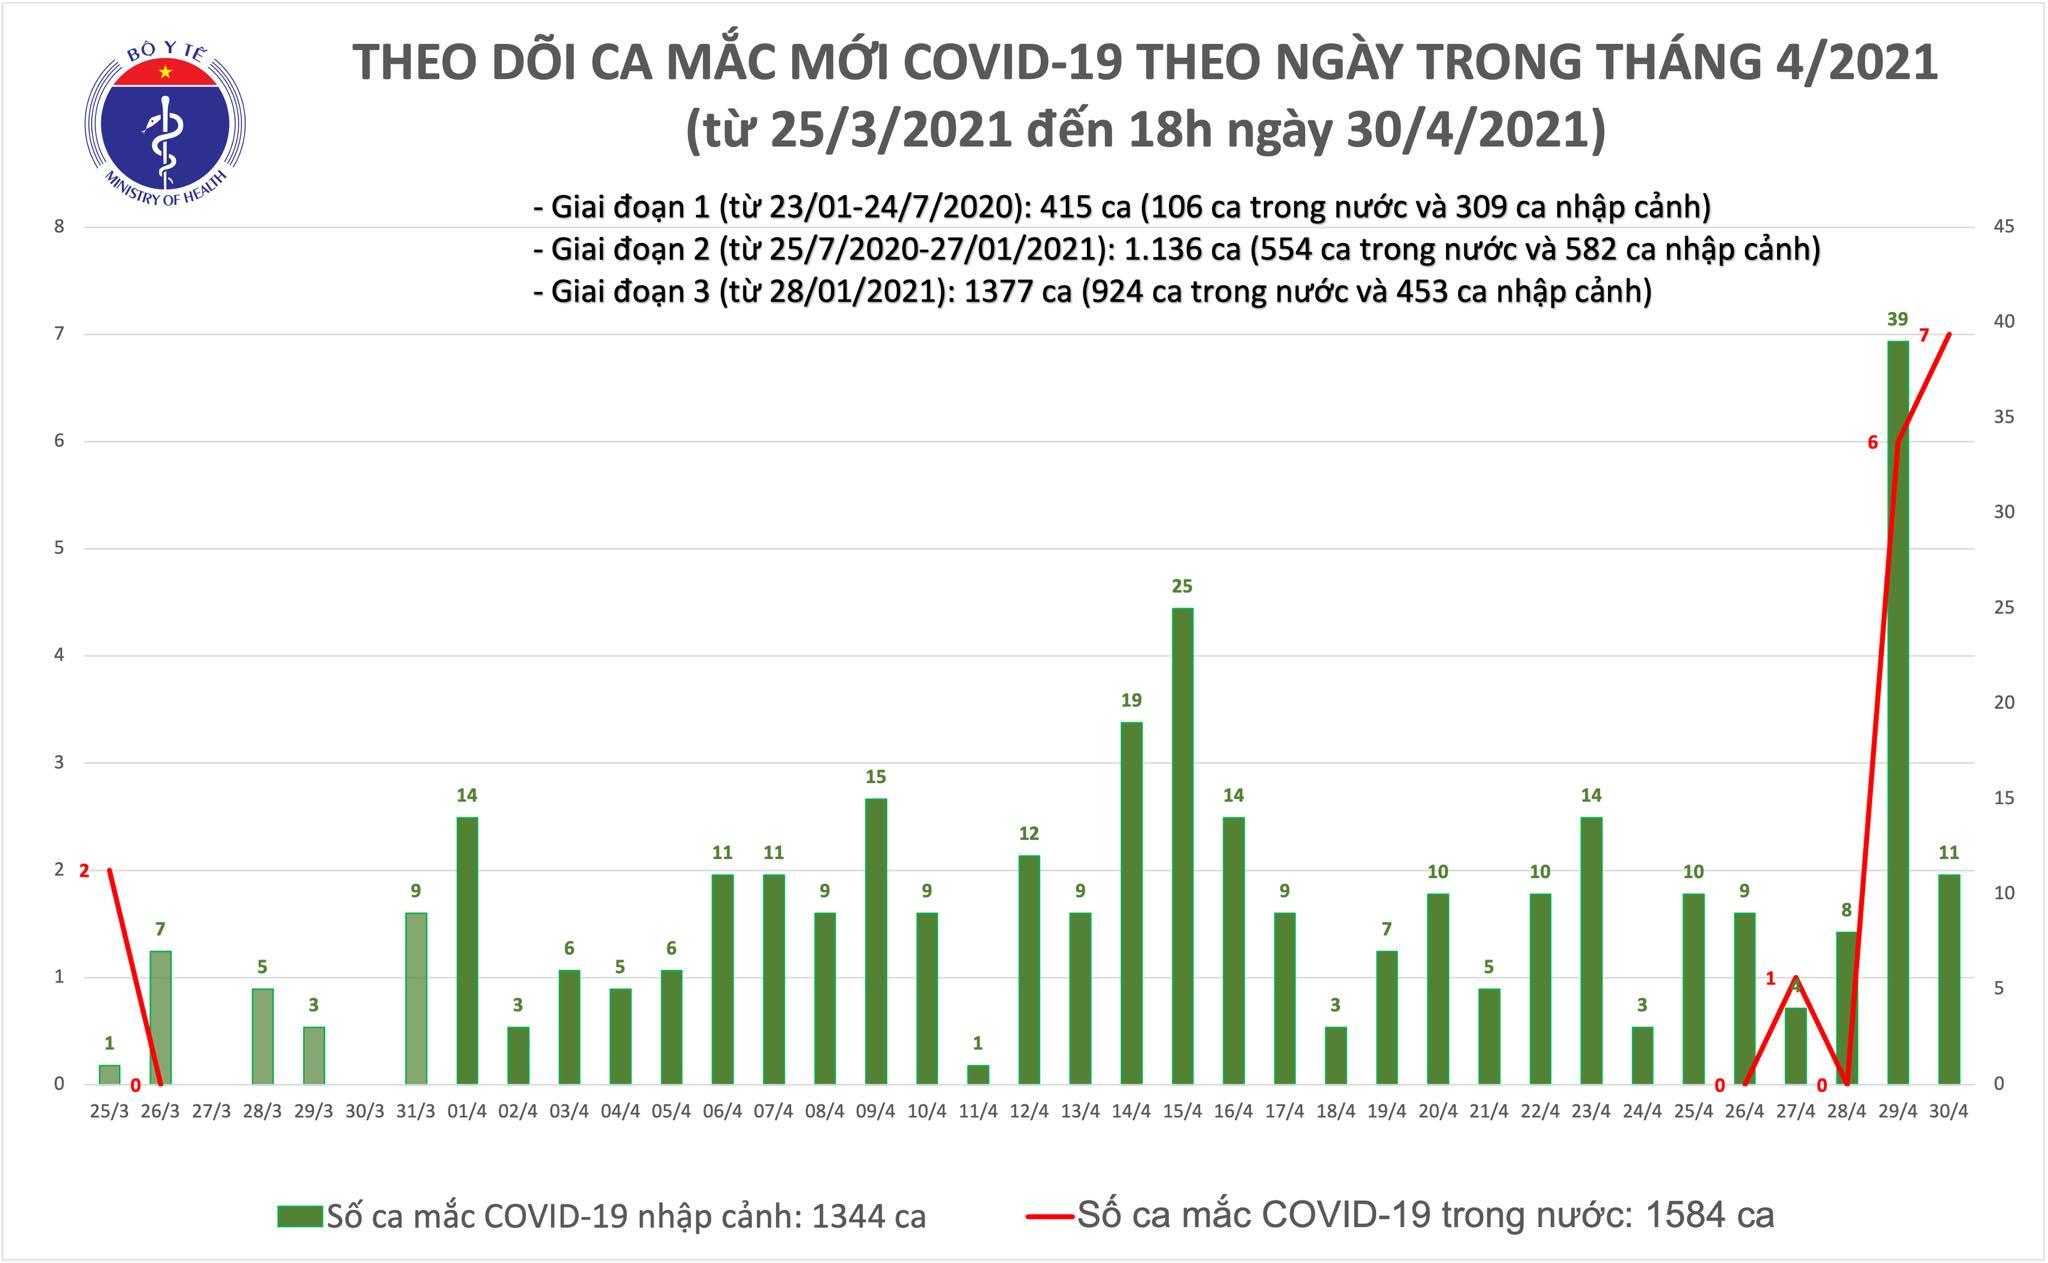 Chiều 30/4: Thêm 14 ca mắc COVID-19, có 4 ca ghi nhận trong nước tại Hà Nam và Hà Nội